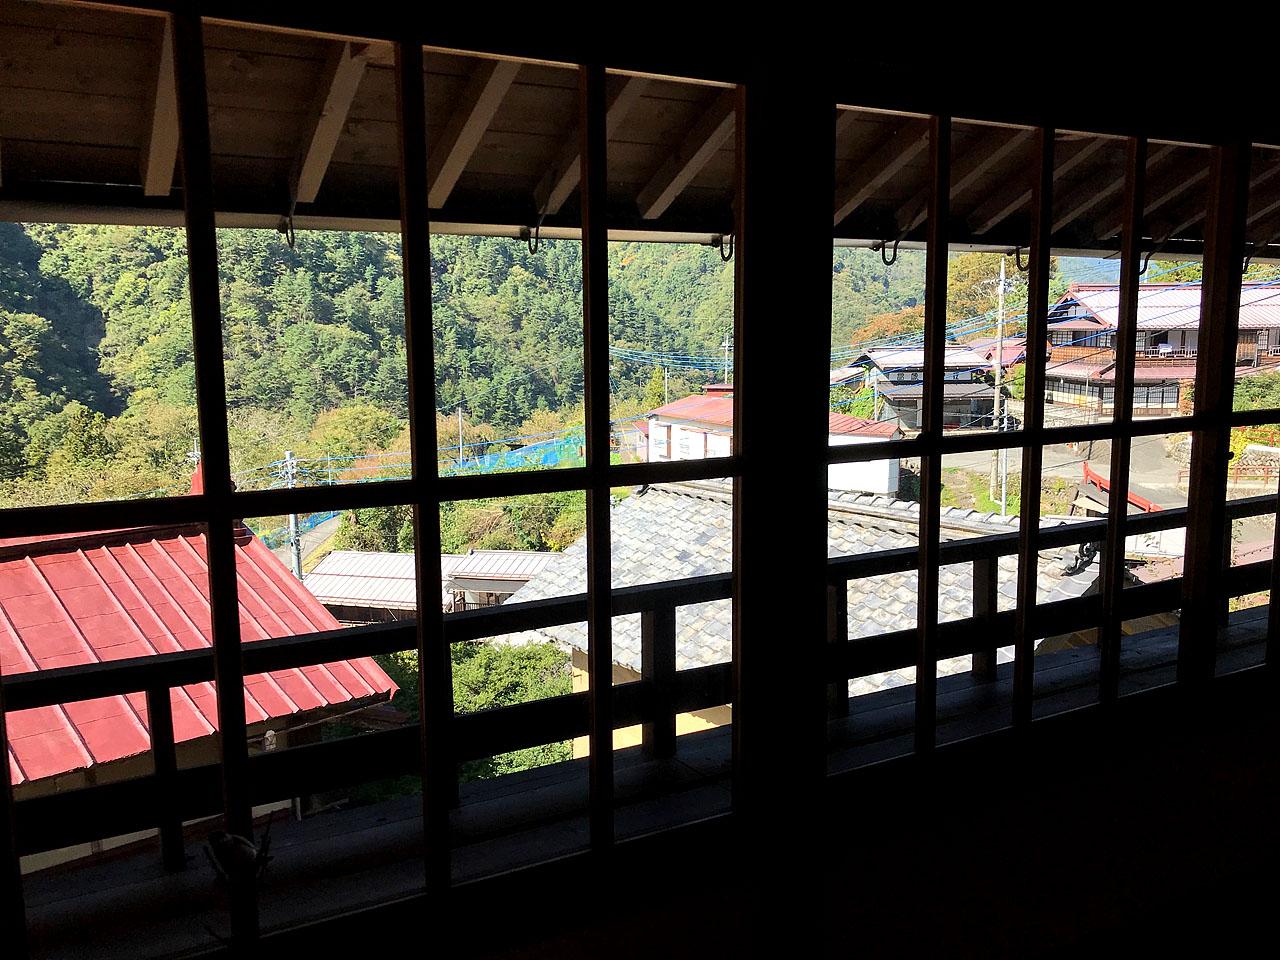 清水屋さんの二階から見える赤沢宿